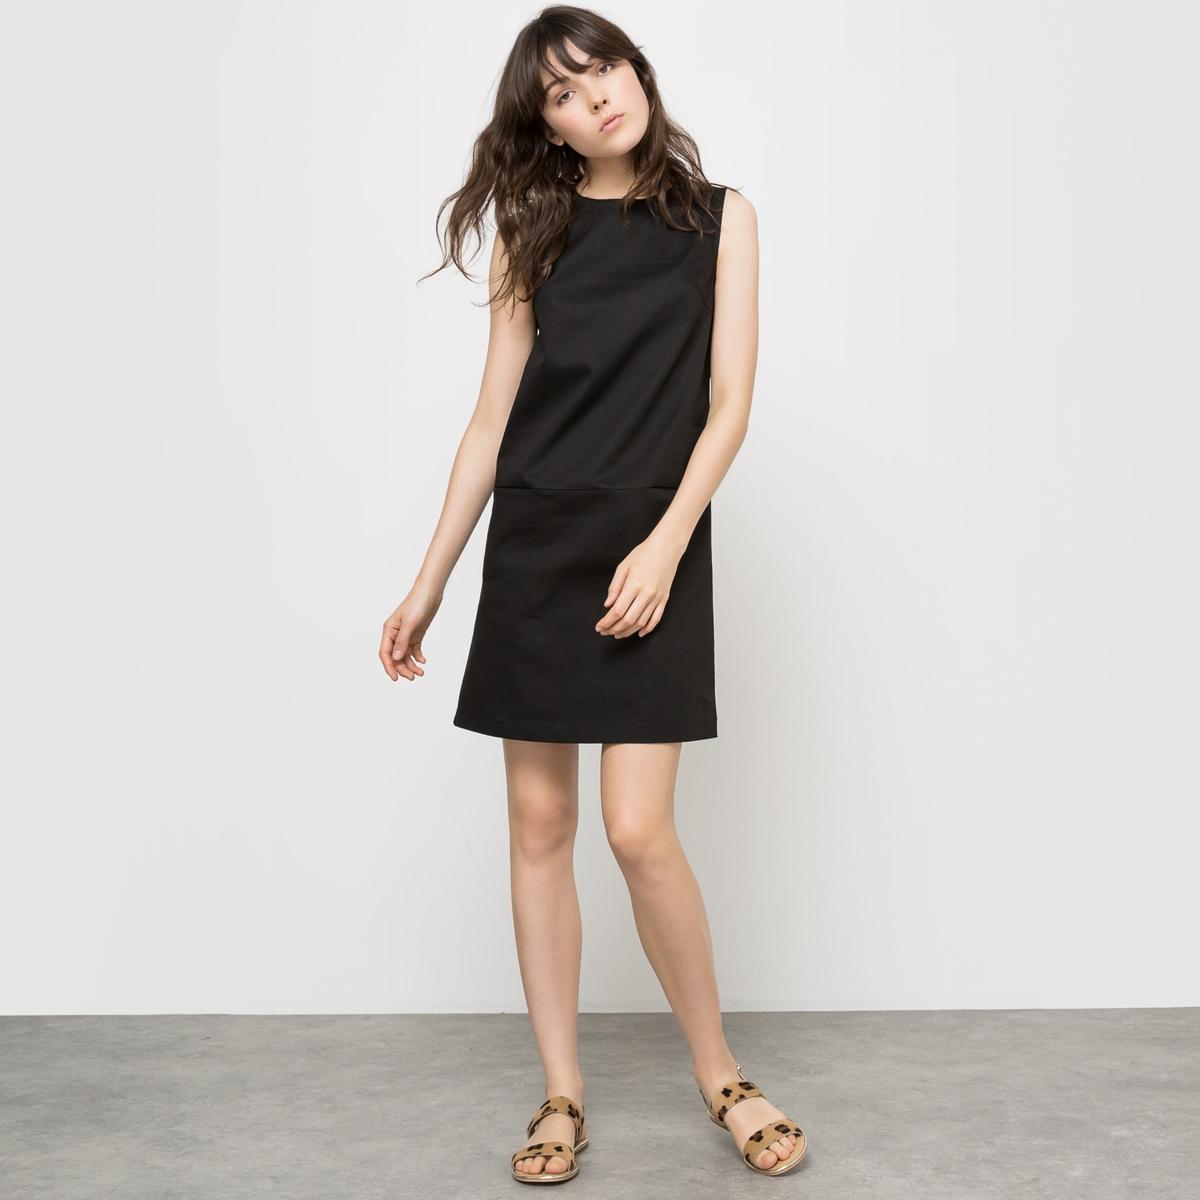 Платье короткое без рукавовПлатье без рукавов . Из хлопкового атласа . 98% хлопка, 2% эластана . 2 накладных кармана . Закругленный вырез . Застежка на молнию  . Длина 90 см .<br><br>Цвет: черный<br>Размер: 40 (FR) - 46 (RUS)